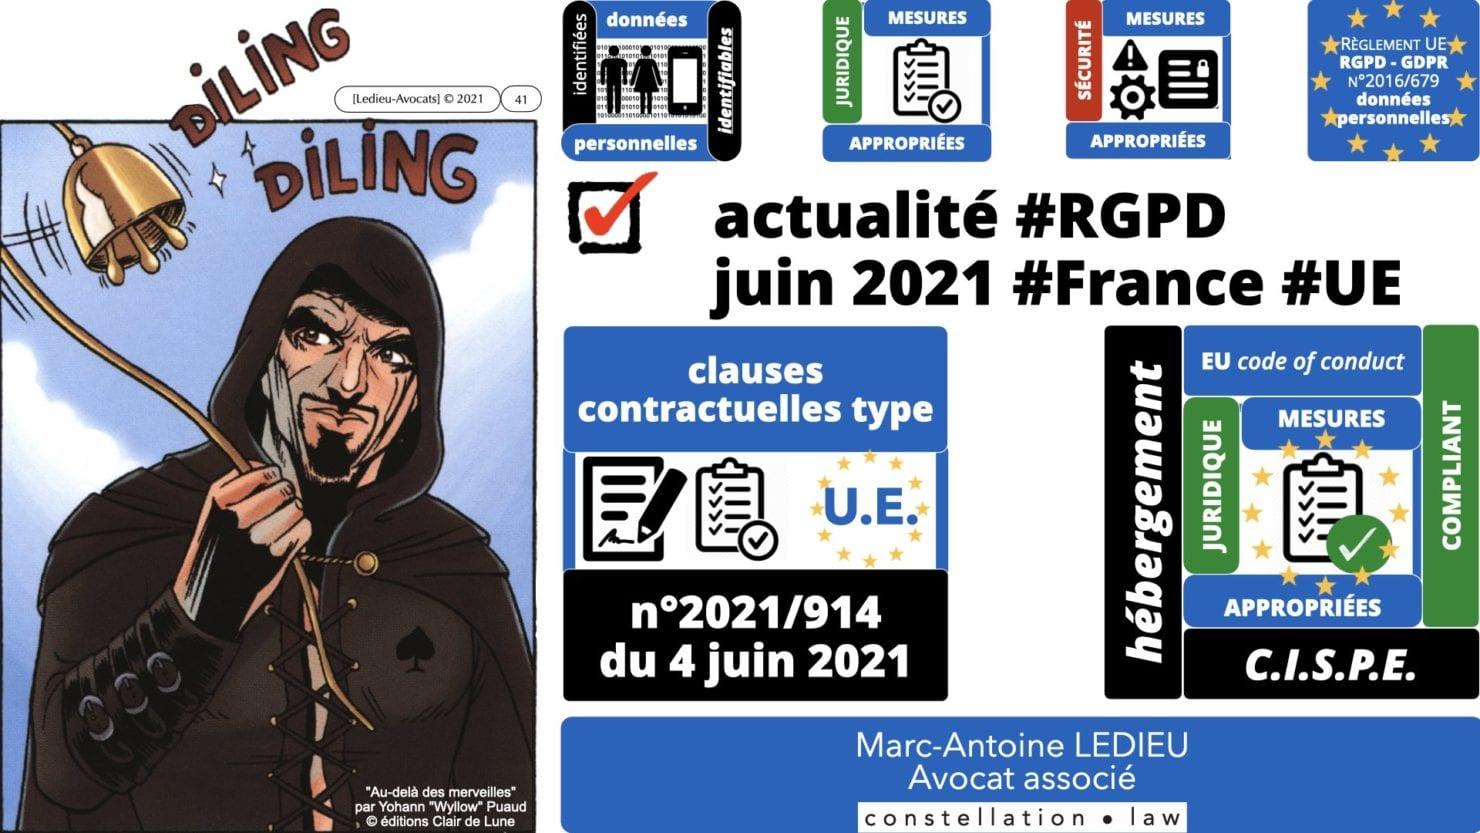 actualité RGPD juin 2021 #France et #UE [données personnelles]